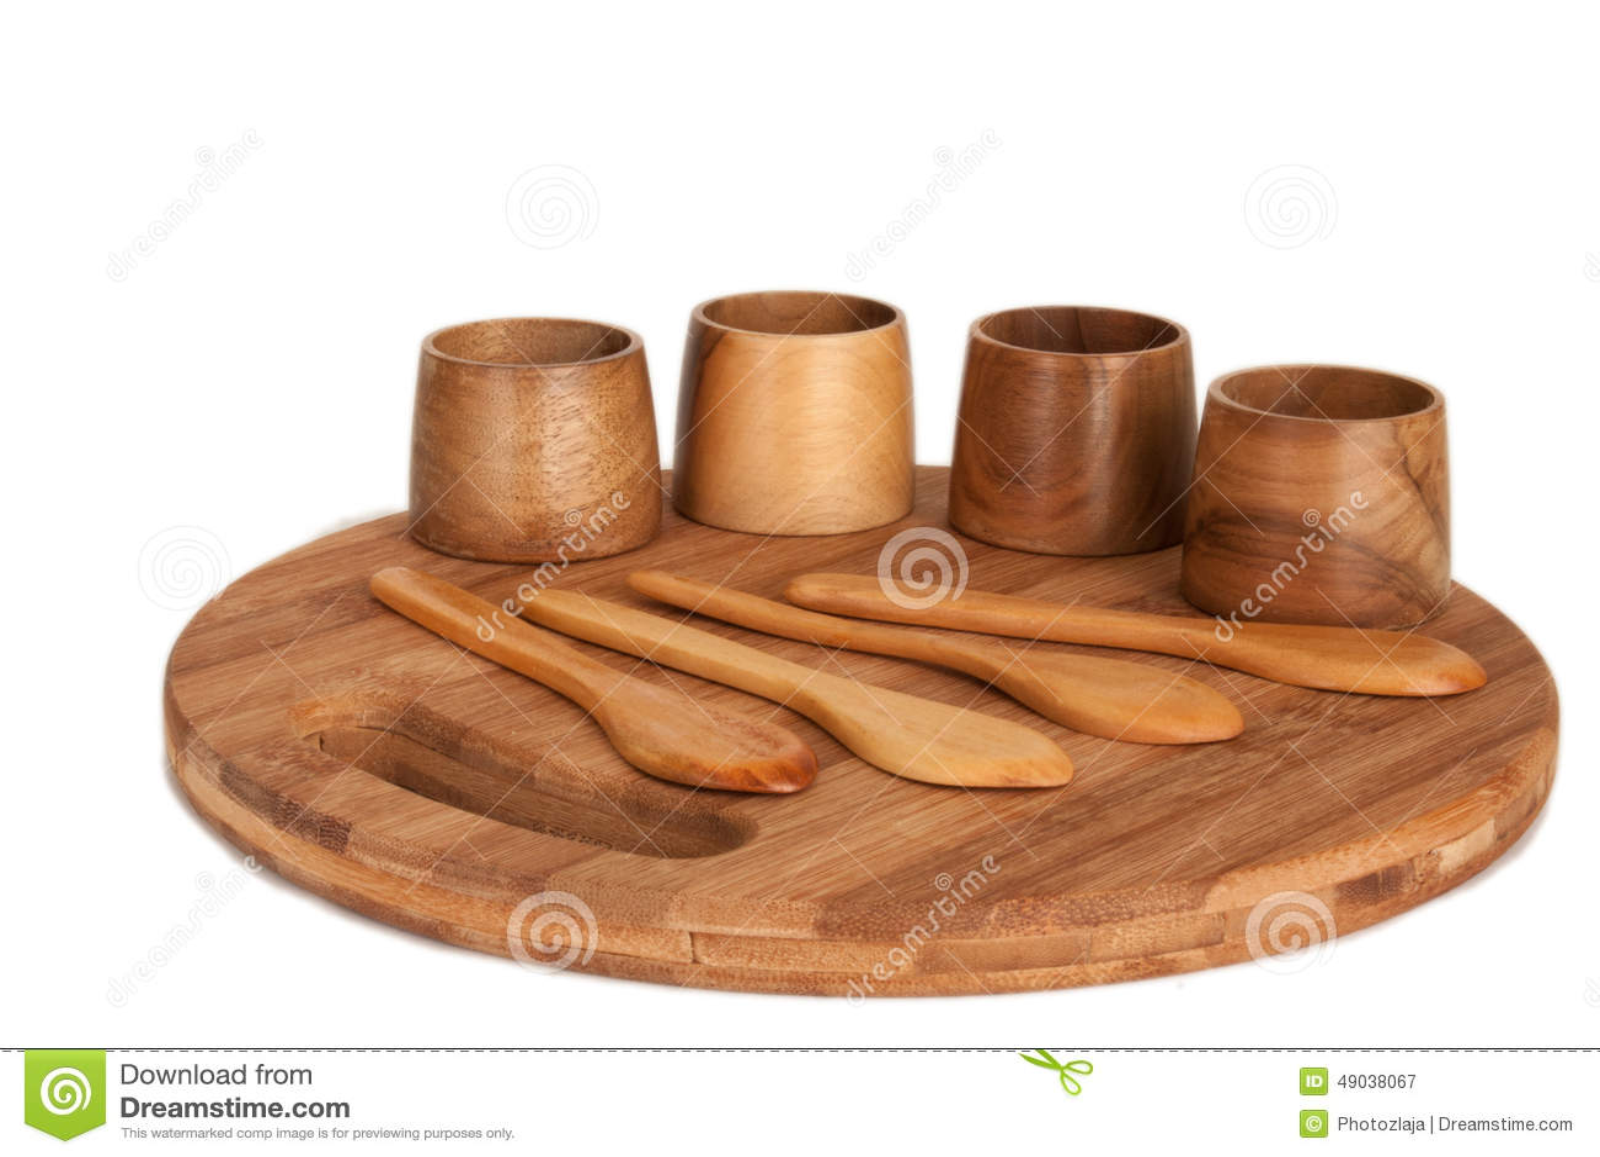 Utensilios antiguos de madera de la cocina foto de archivo for Utensilios medidores cocina